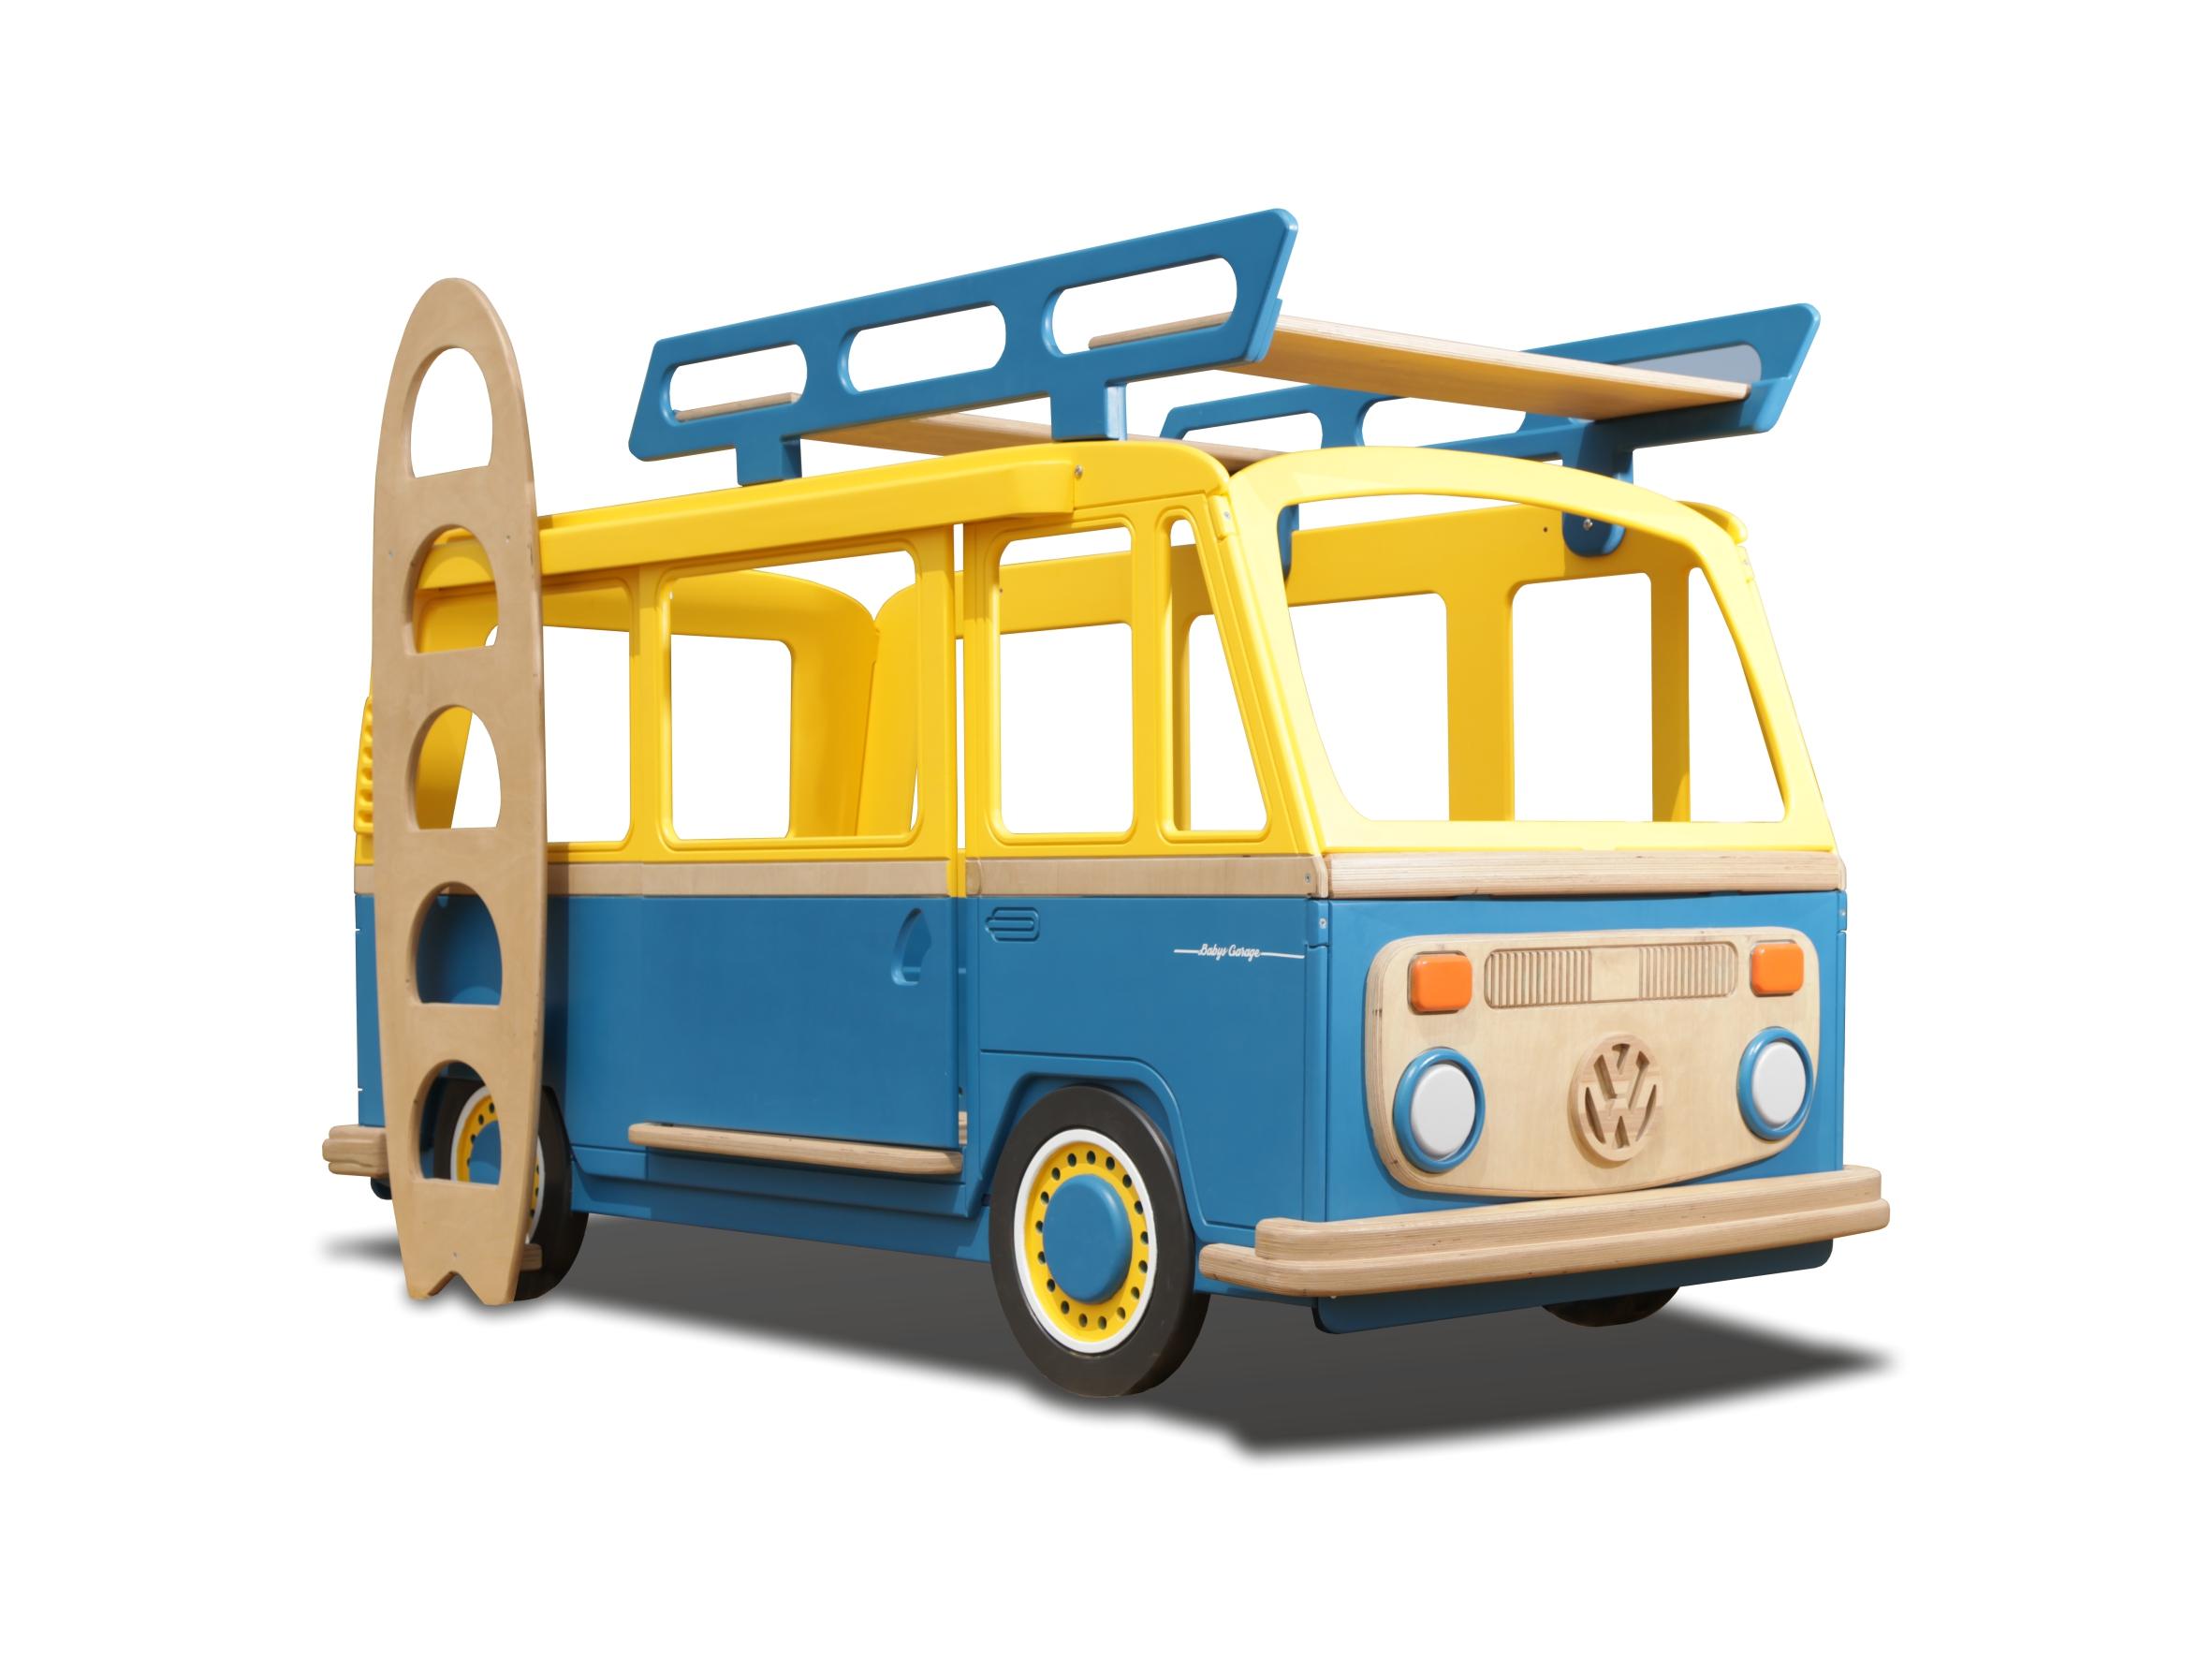 Двухярусная кровать Camper OneДетские кроватки<br>Кровать машинка изготовлена по классическим формам Volkswagen Camper. Кровать сделана вручную из натуральной высокосортной березовой фанеры. Корпус покрыт гипоаллергенной акриловой эмалью&amp;amp;nbsp;на водной основе. Качество и экологичность соответствует всем действующим европейским нормам и подтверждается сертификатами.&amp;amp;nbsp;&amp;lt;div&amp;gt;&amp;lt;br&amp;gt;&amp;lt;/div&amp;gt;&amp;lt;div&amp;gt;В комплекте идет детский ортопедический матрац.&amp;amp;nbsp;&amp;lt;/div&amp;gt;<br><br>Material: Дерево<br>Ширина см: 105<br>Высота см: 125